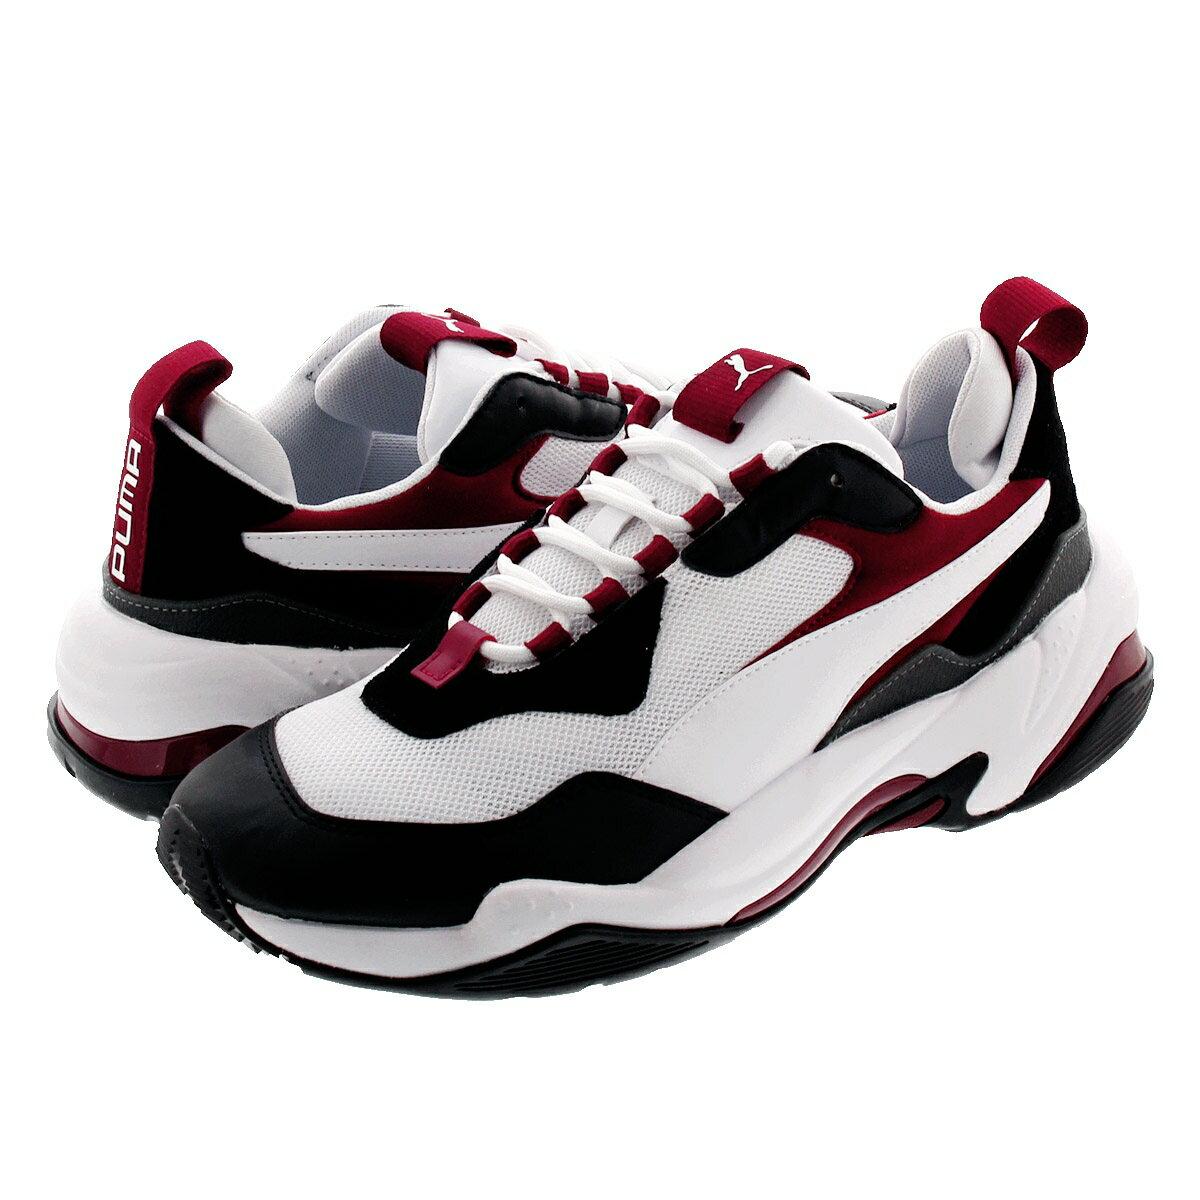 メンズ靴, スニーカー PUMA THUNDER FASHION 2.0 2.0 WHITEBLACKRHUBAR 370376-06